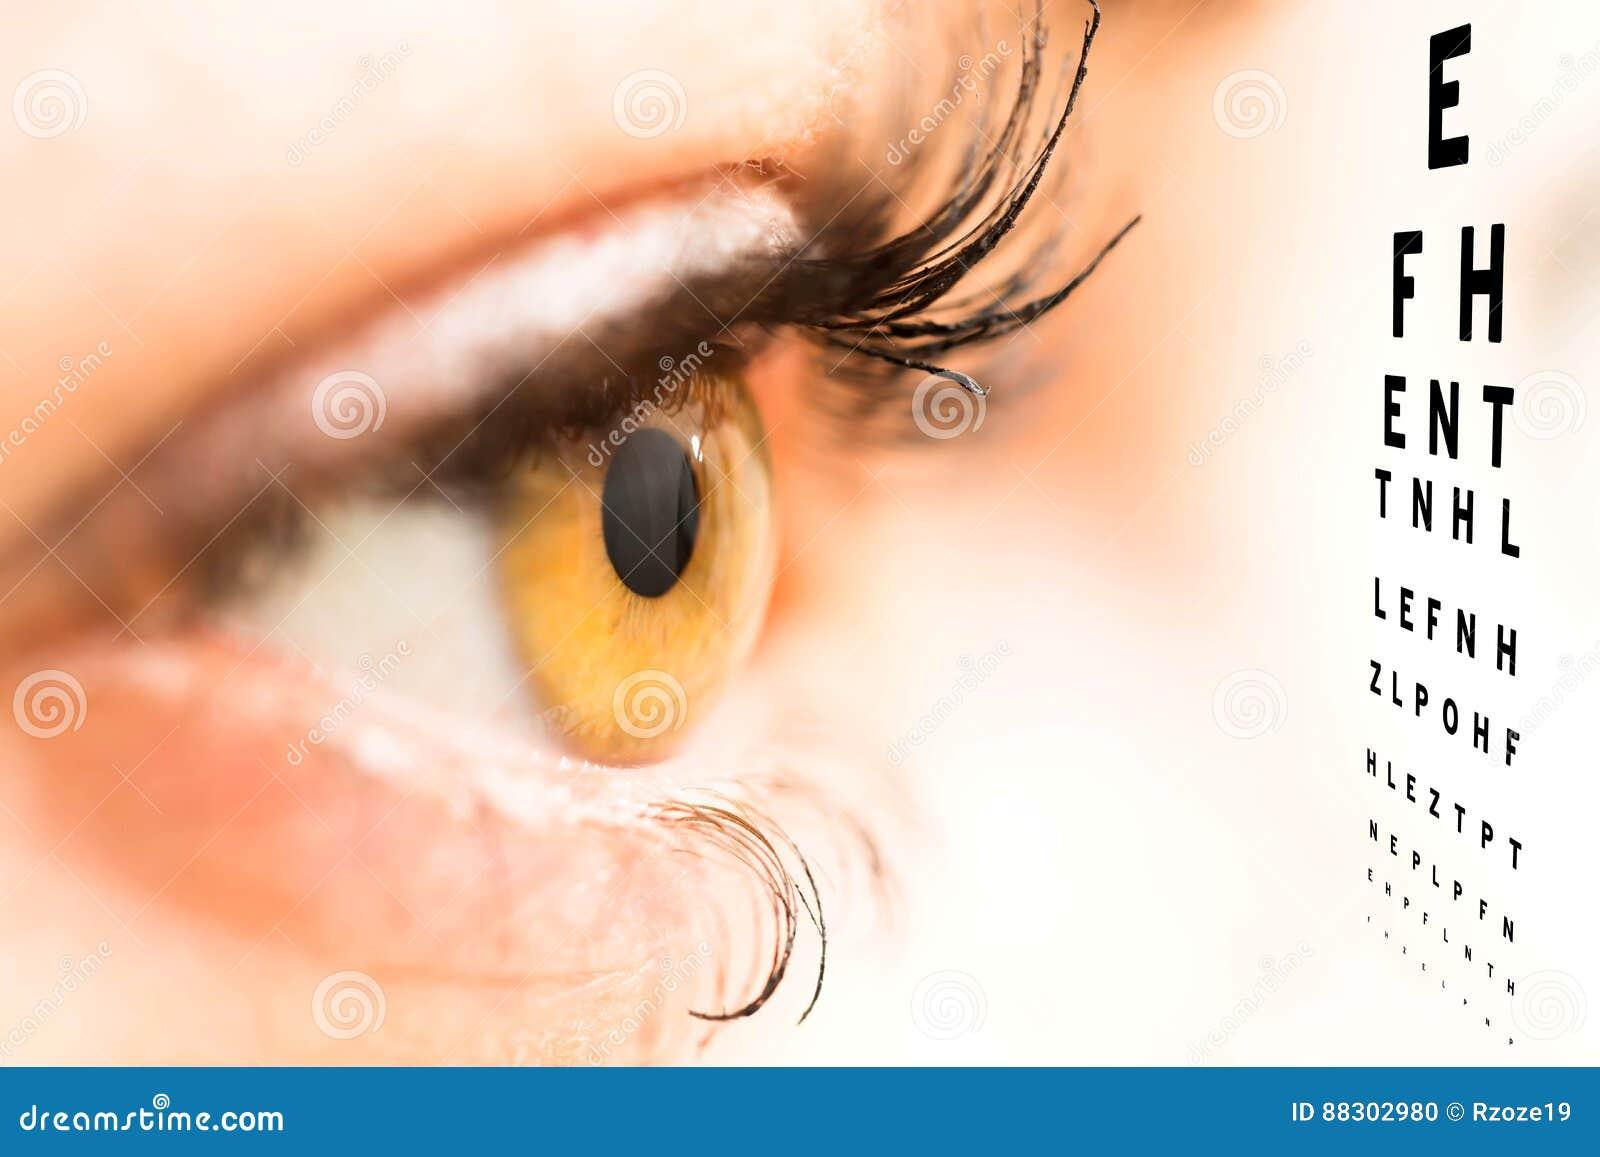 Conceito do oftalmologista